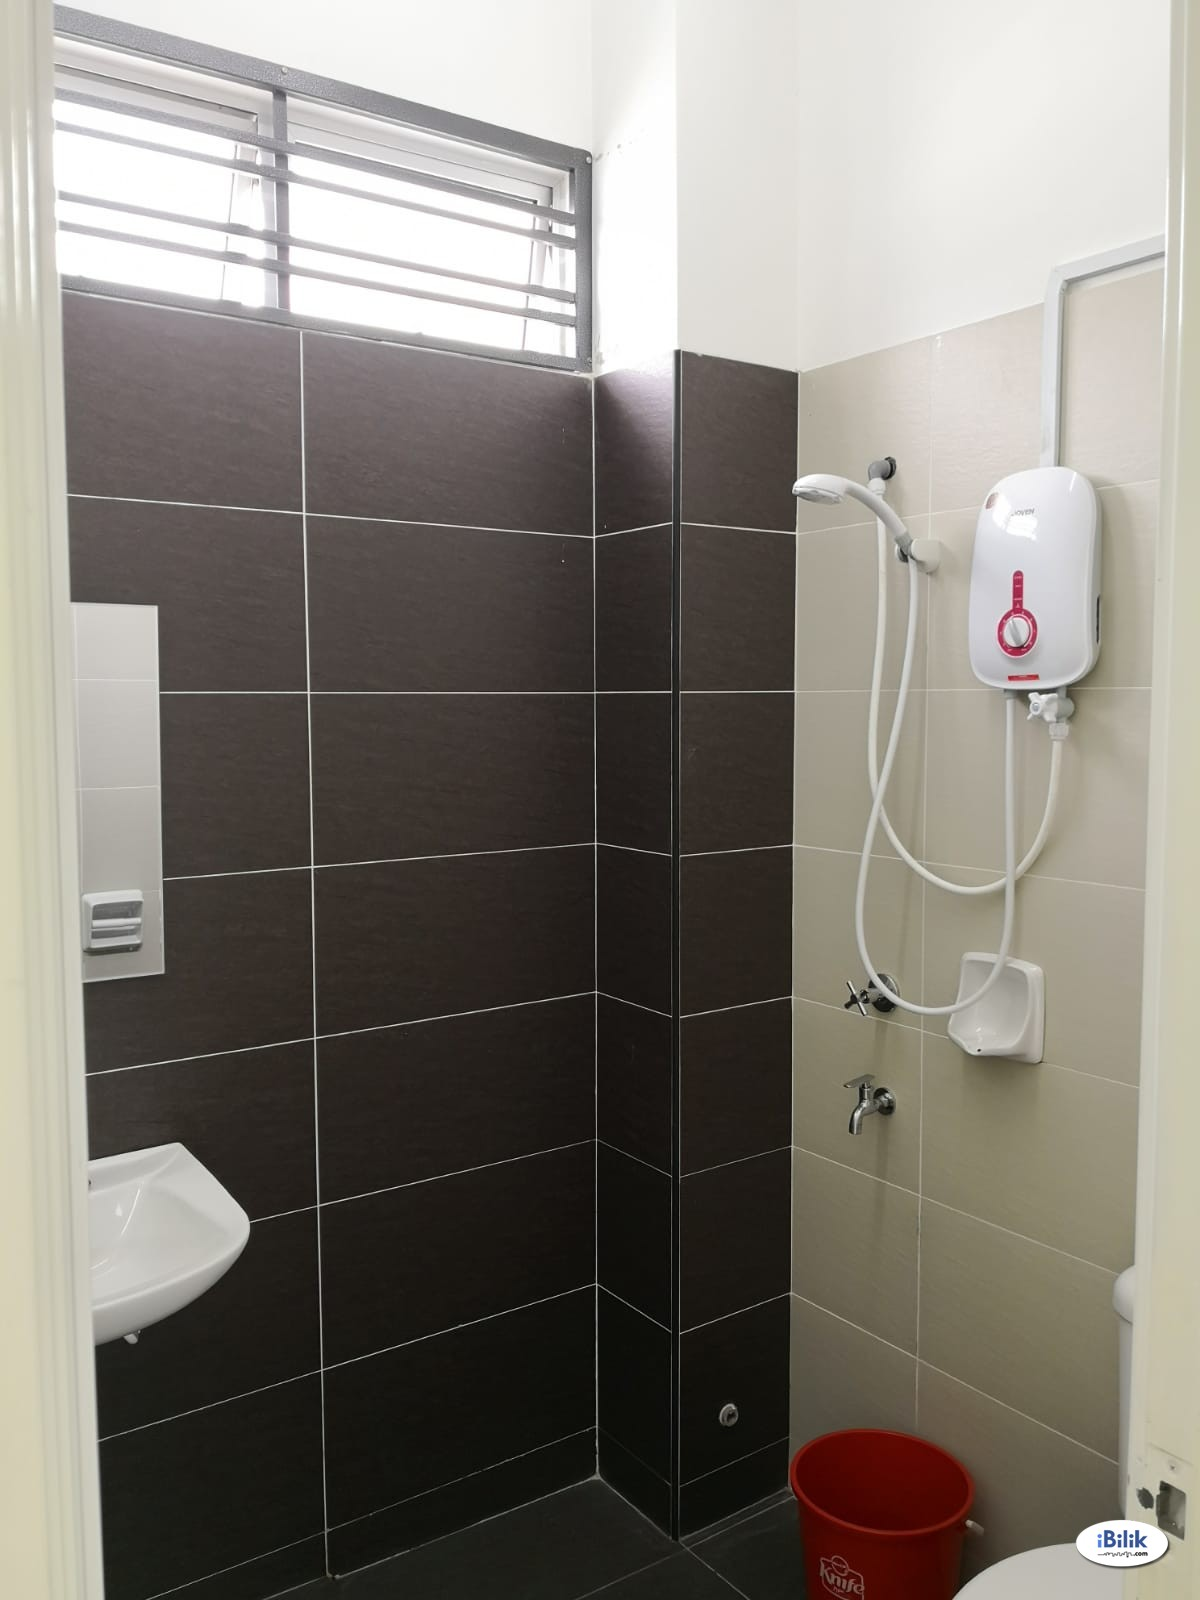 Single Room at Taman Daya, Tebrau